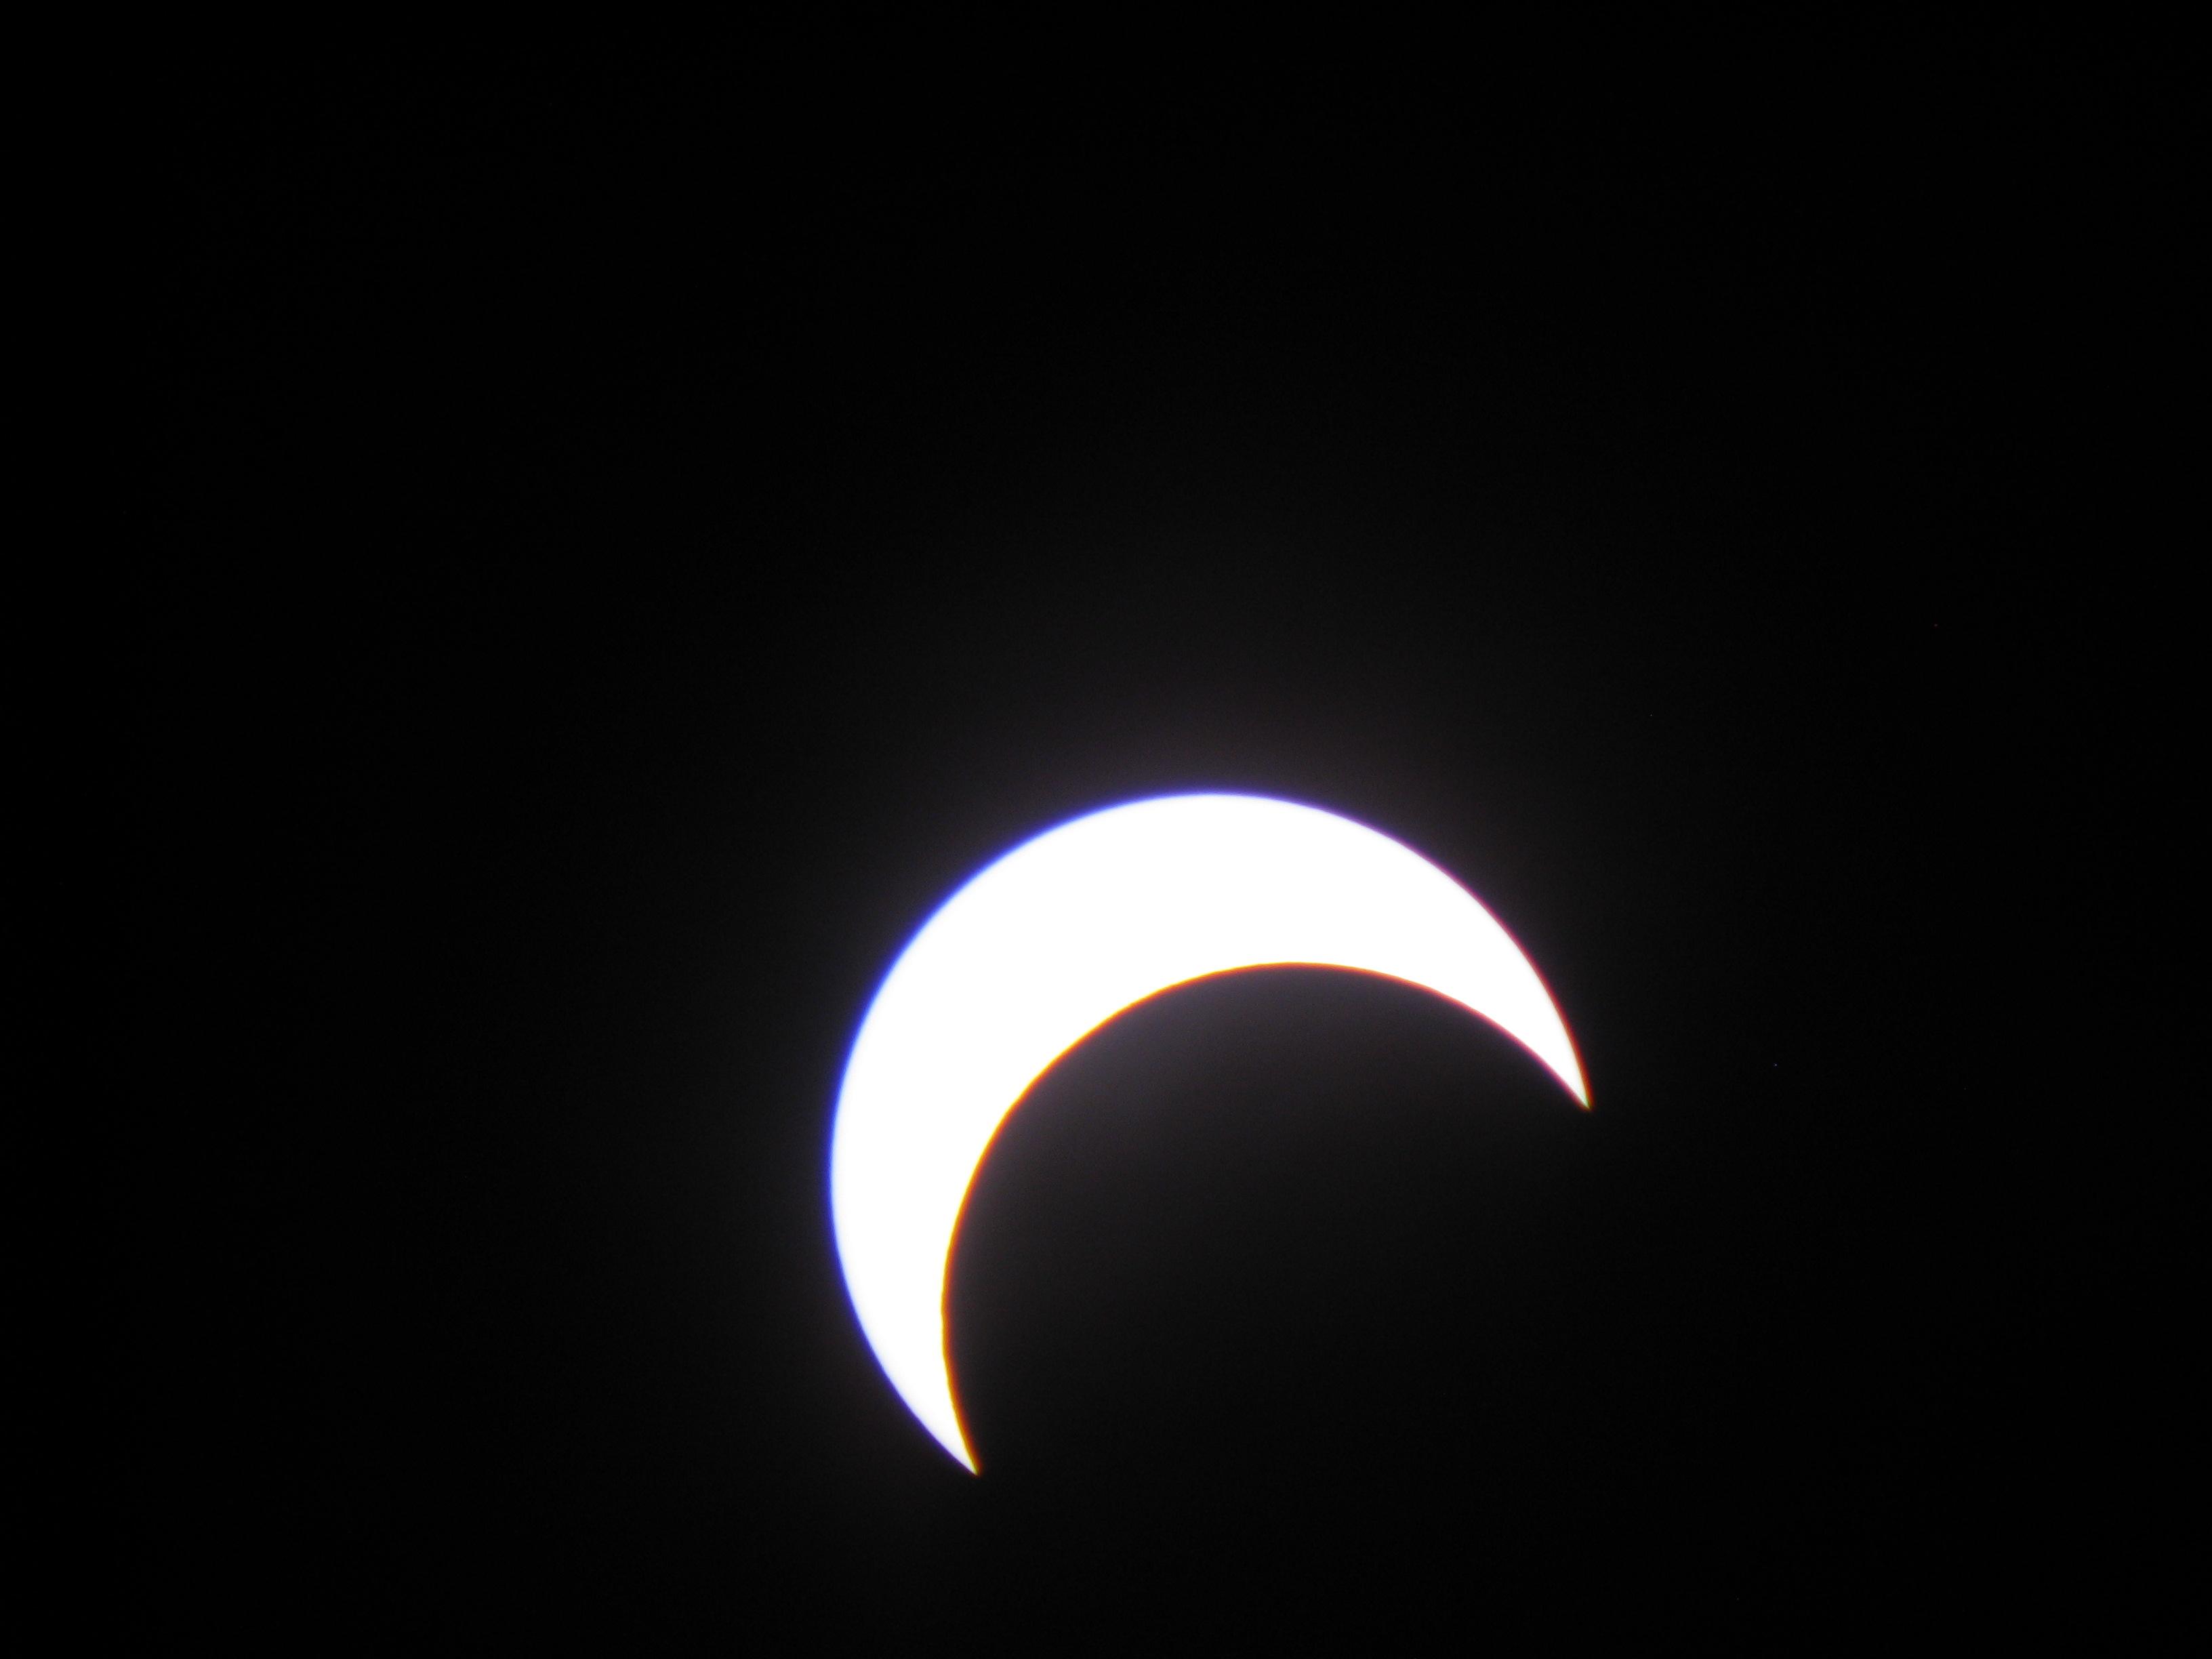 Eclipse Over Mount Shasta